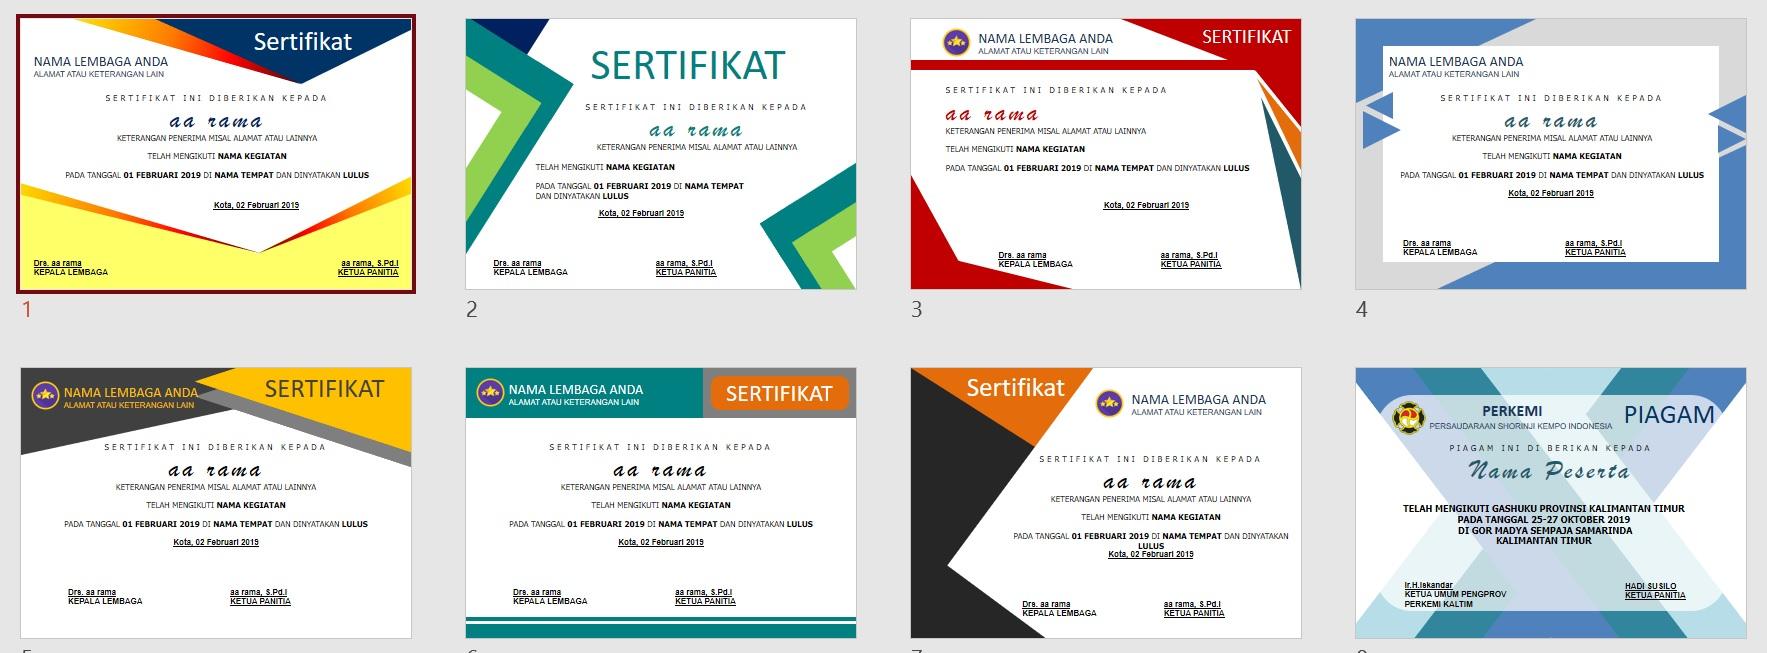 Download 50 Template Sertifikat atau Piagam Penghargaan Dalam Bentuk Powerpoint